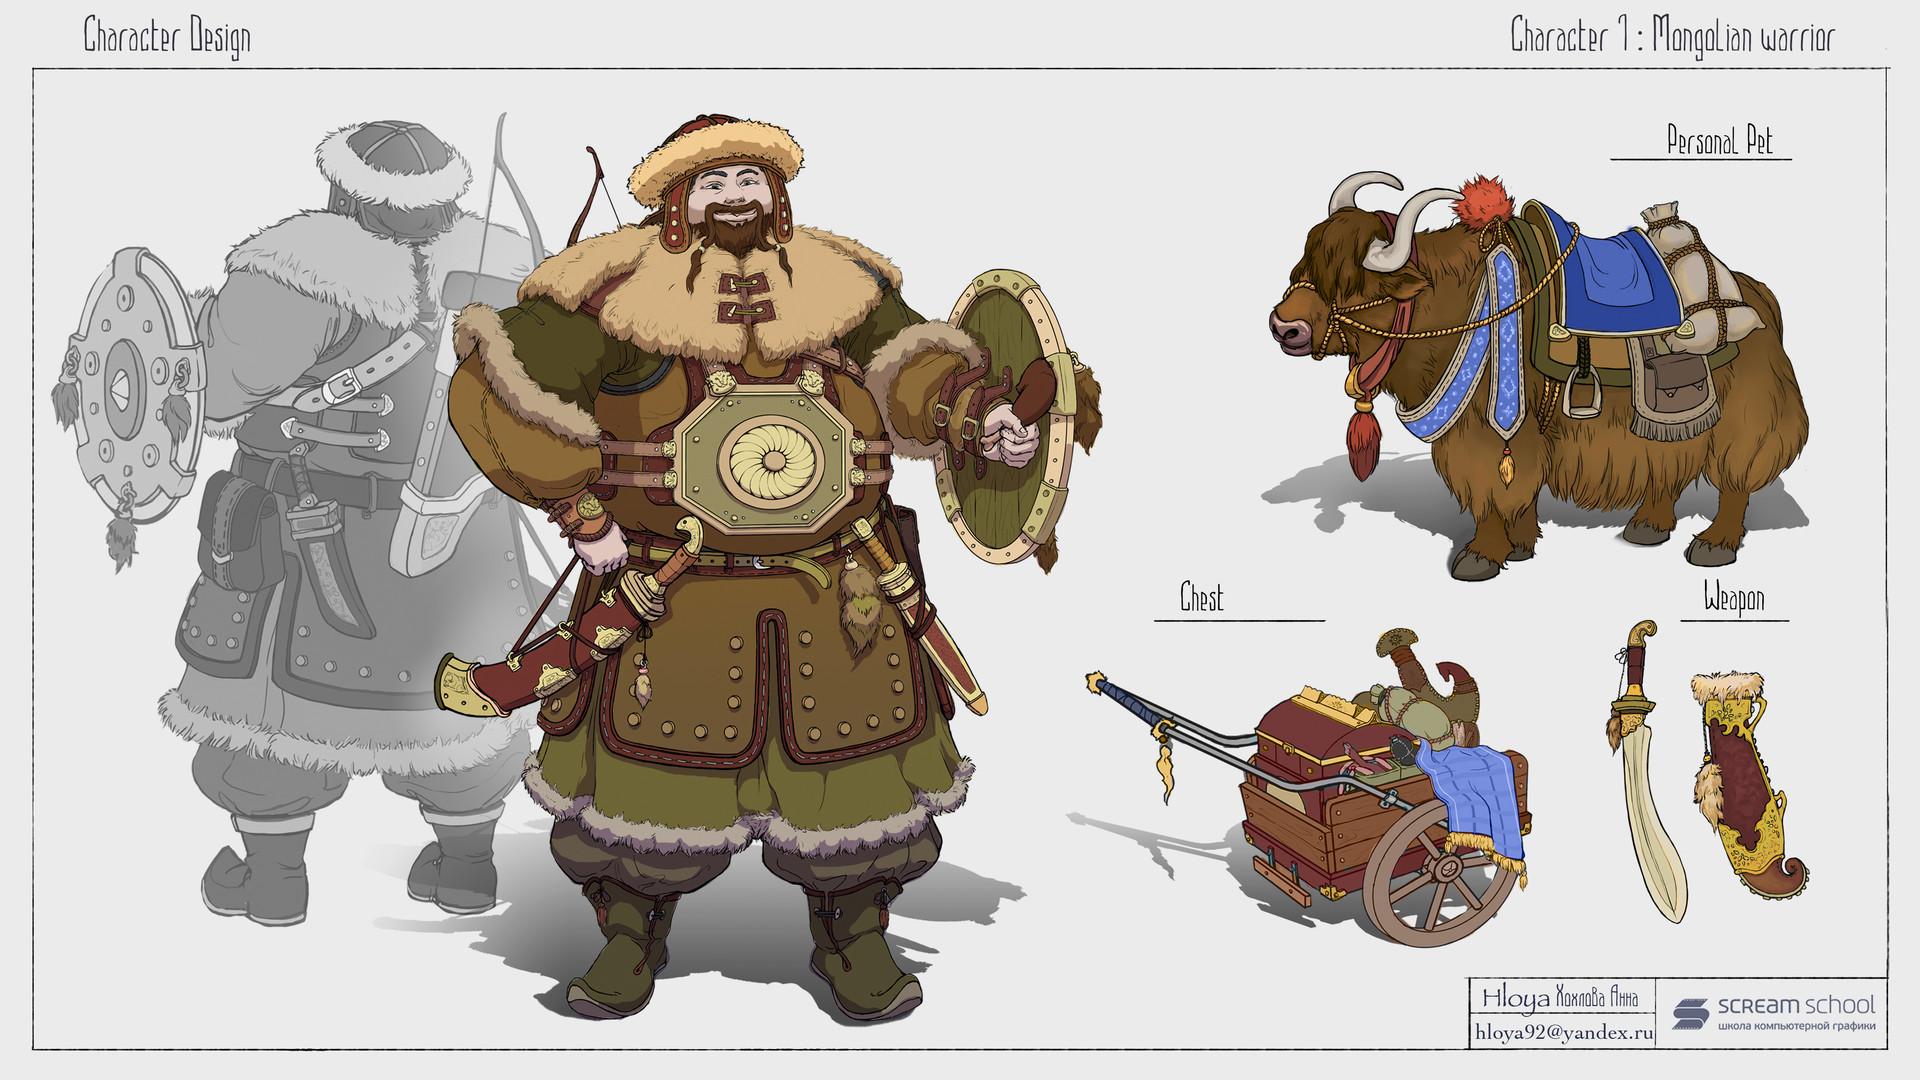 Mongolian clipart warrior #4